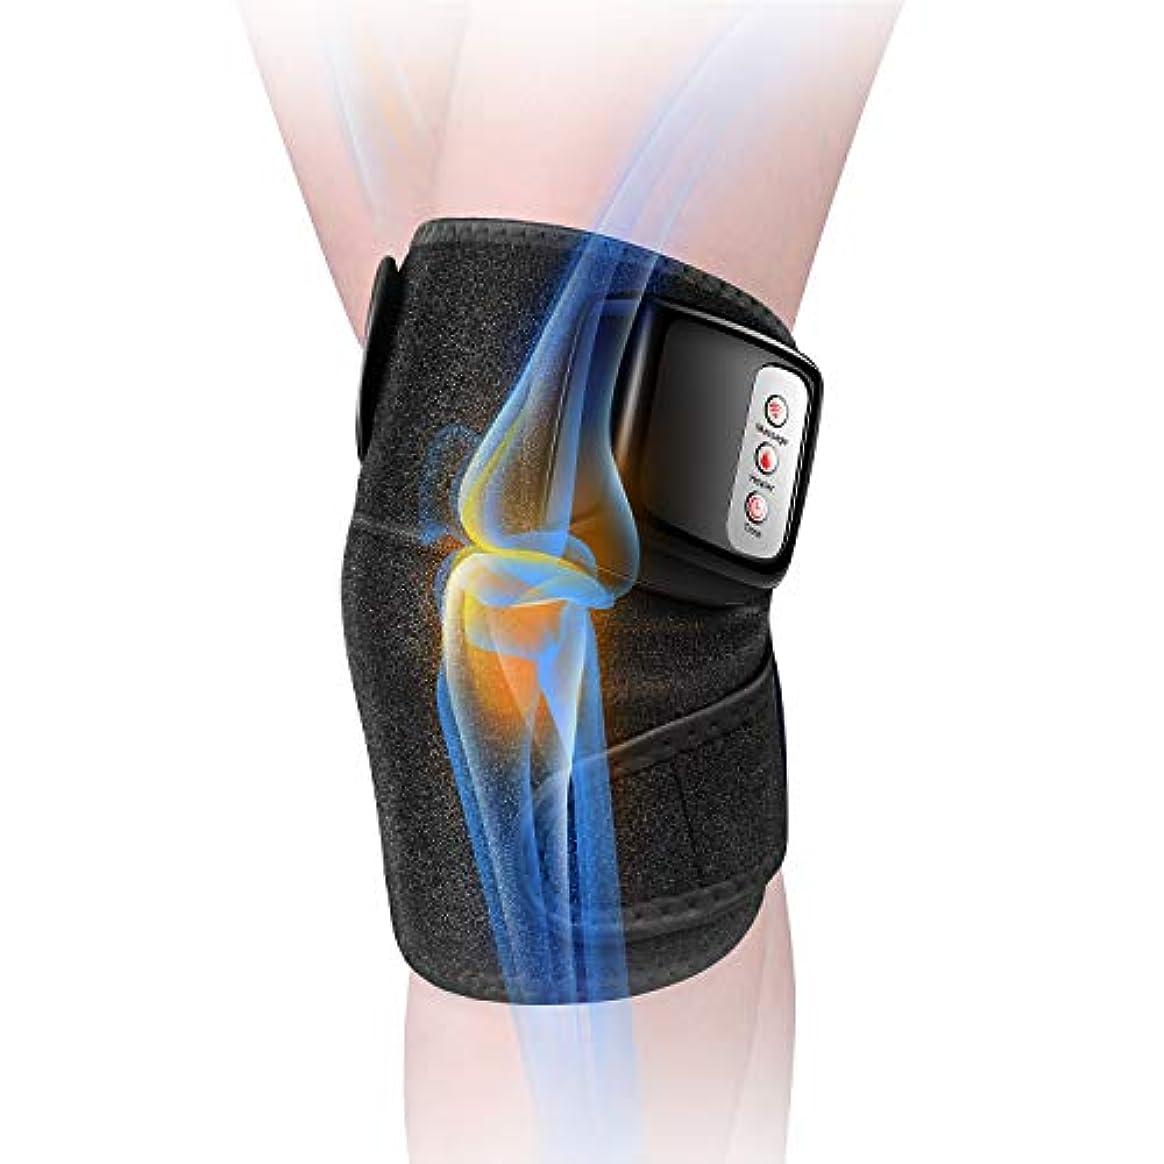 北不可能な我慢する膝マッサージャー 関節マッサージャー マッサージ器 フットマッサージャー 振動 赤外線療法 温熱療法 膝サポーター ストレス解消 肩 太もも/腕対応